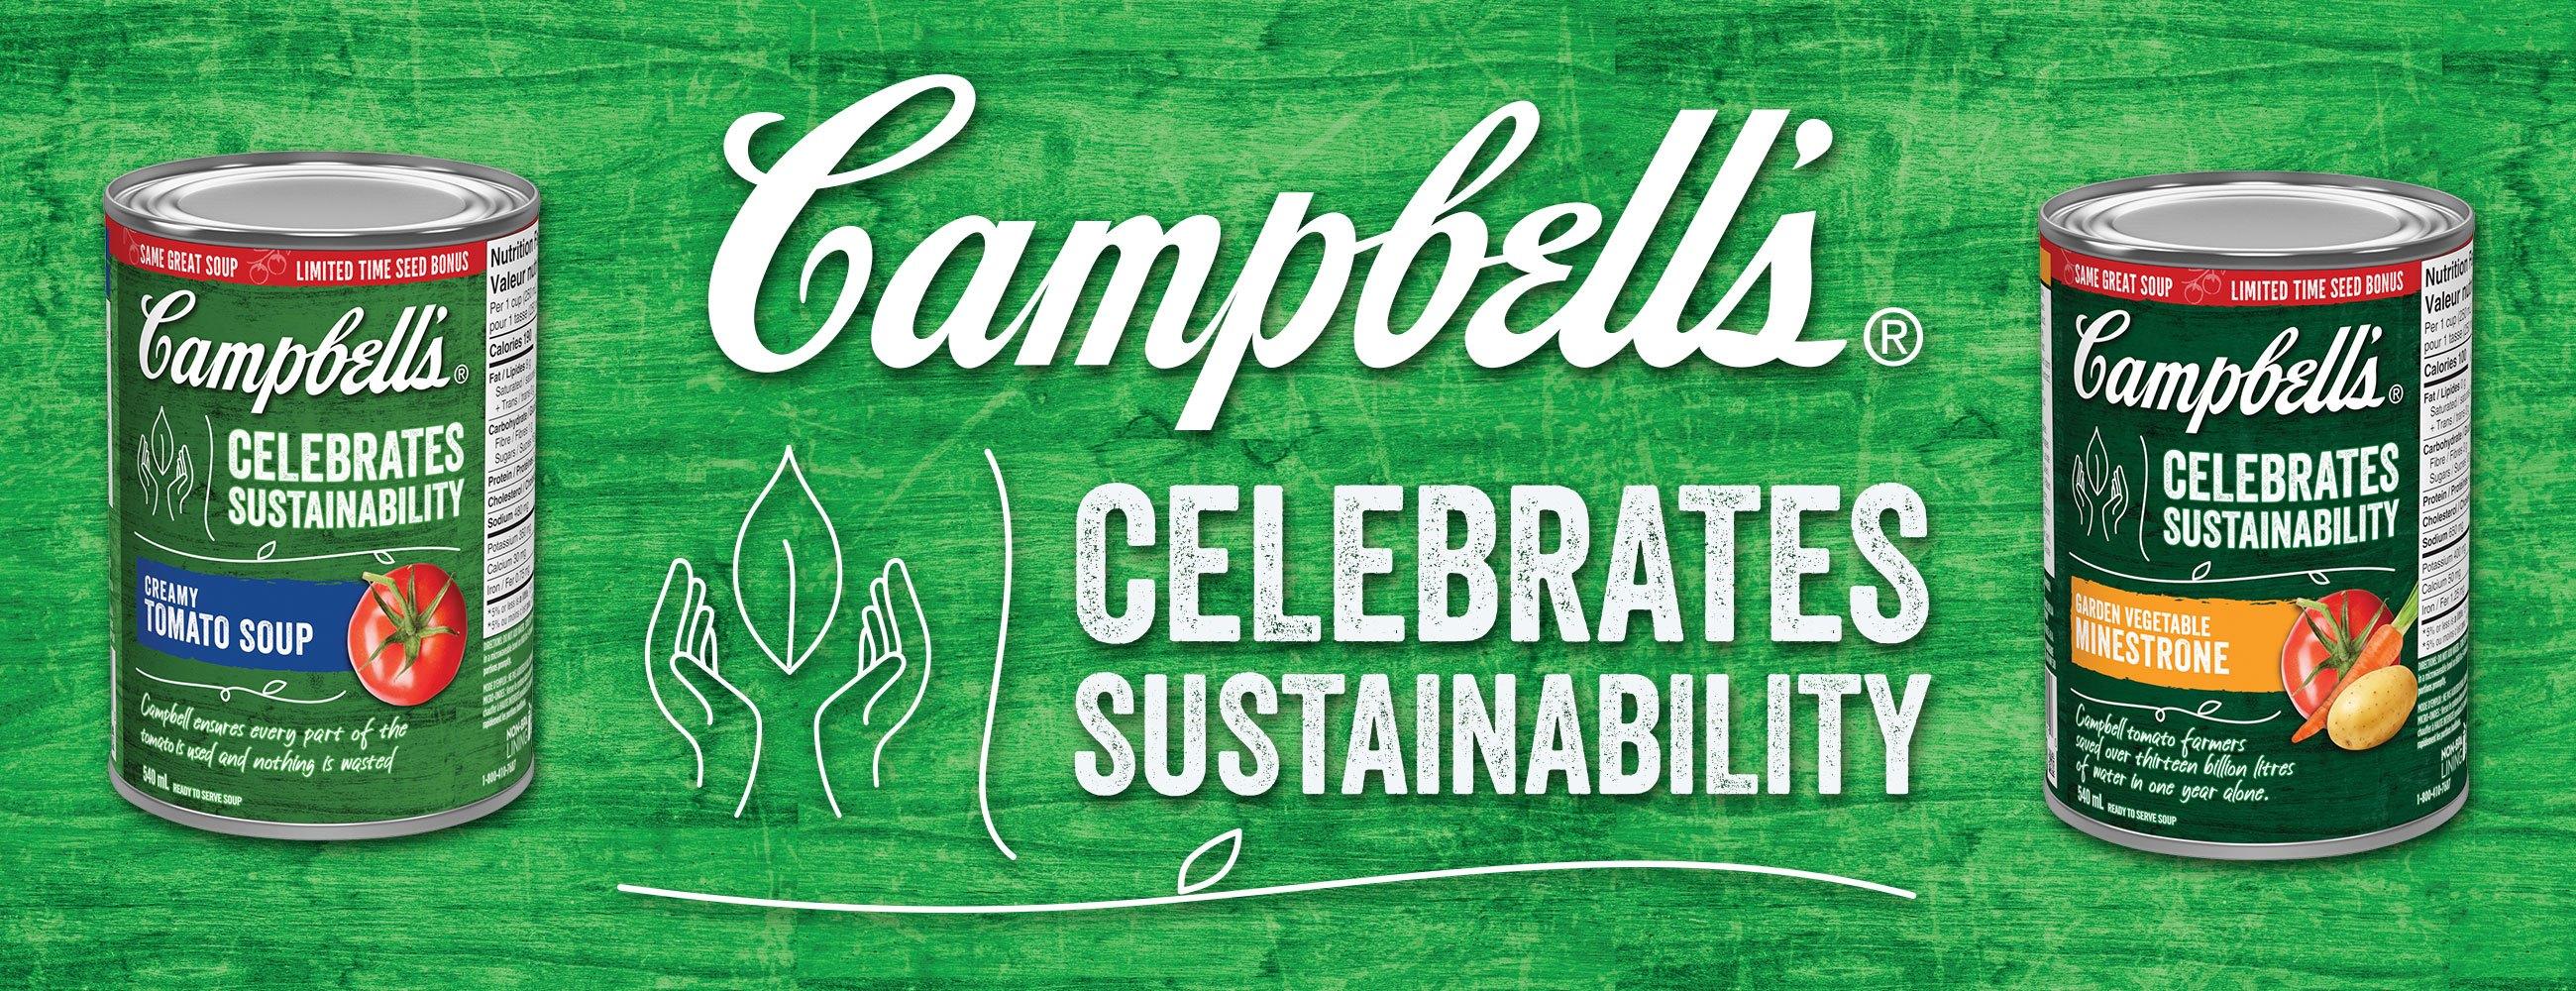 Campbell's Celebrates Sustainability